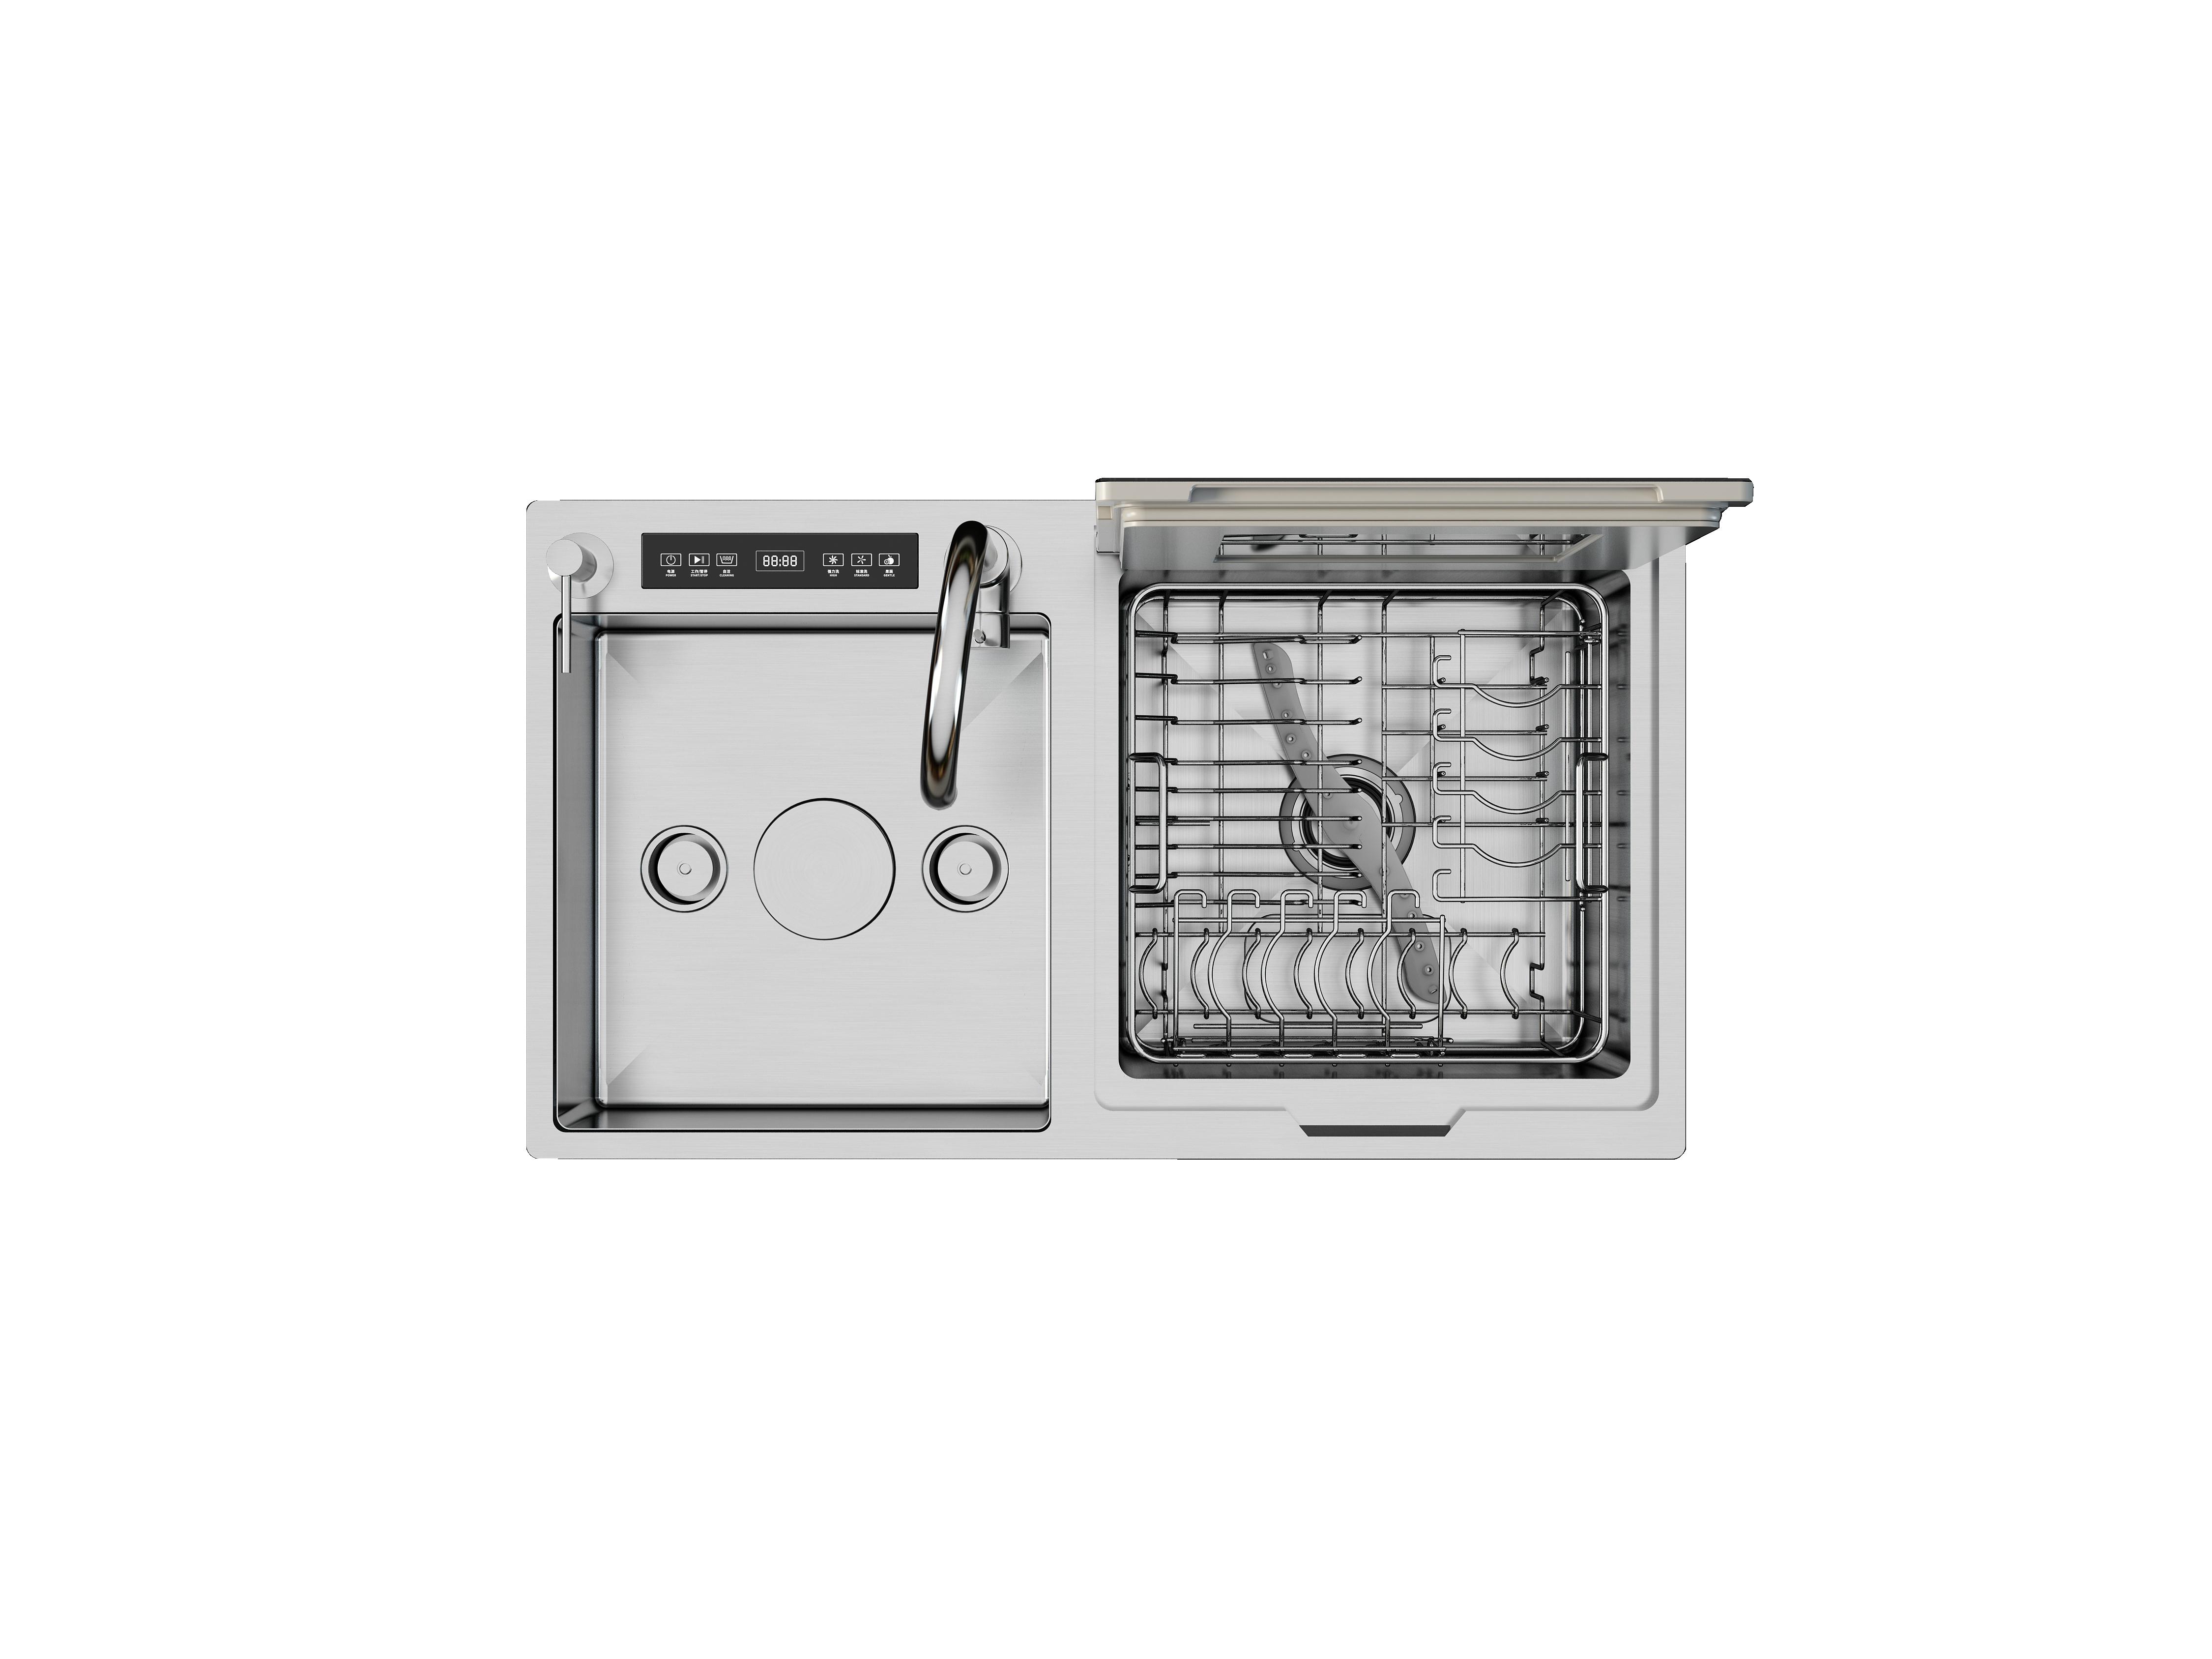 Meiao Malaysia style automatic dishwashers stainless steel sink washing dish machine smart countertop dishwasher